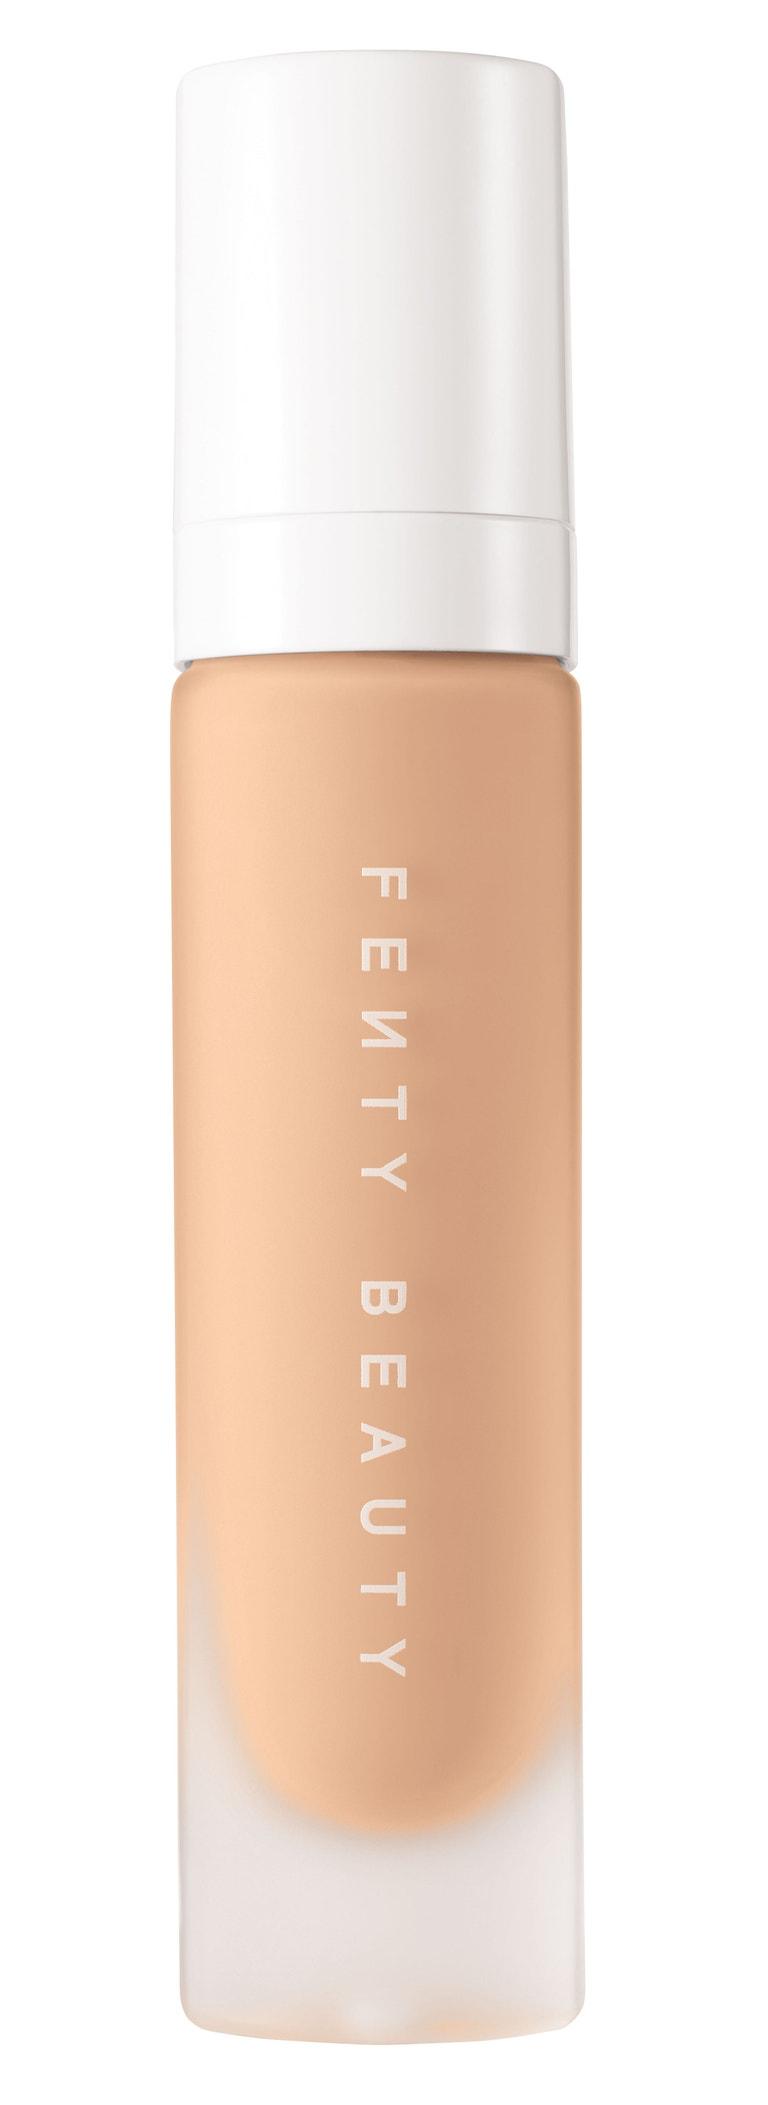 Matující make-up Pro Filt'r Soft Matte Longwear Foundation, Fenty Beauty (prodává Sephora), 860 Kč